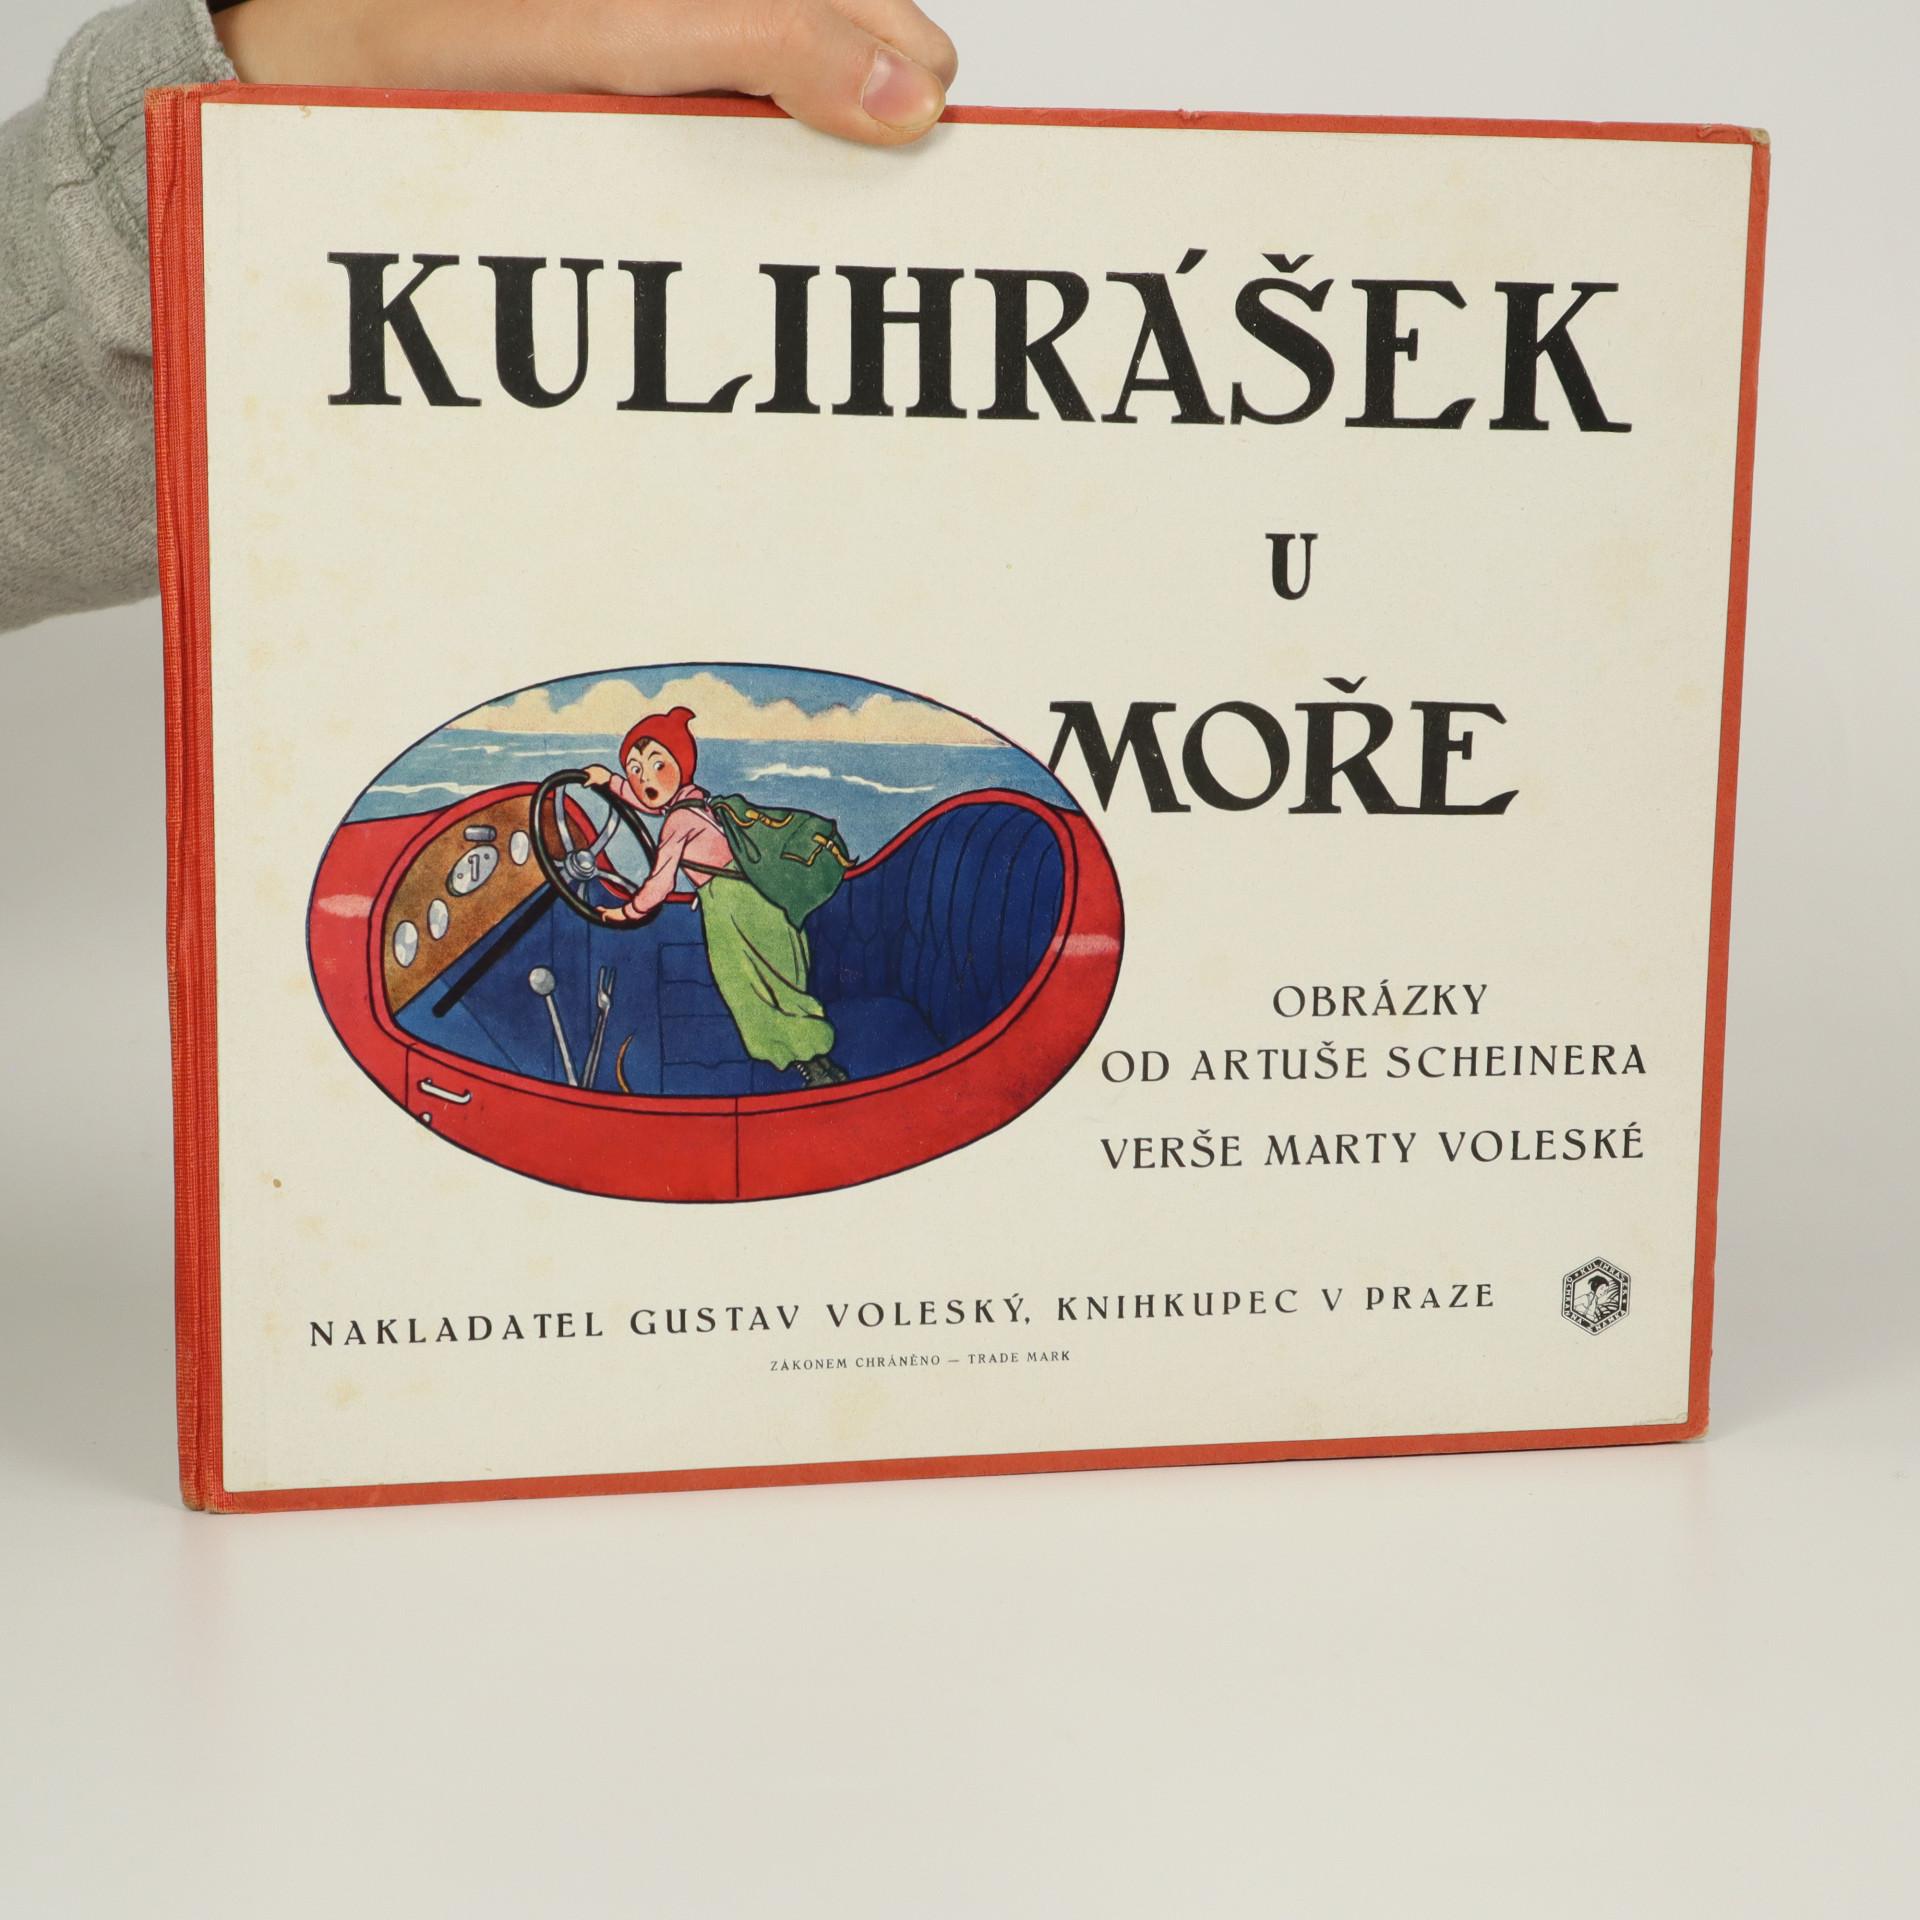 antikvární kniha Kulihrášek u moře, neuveden